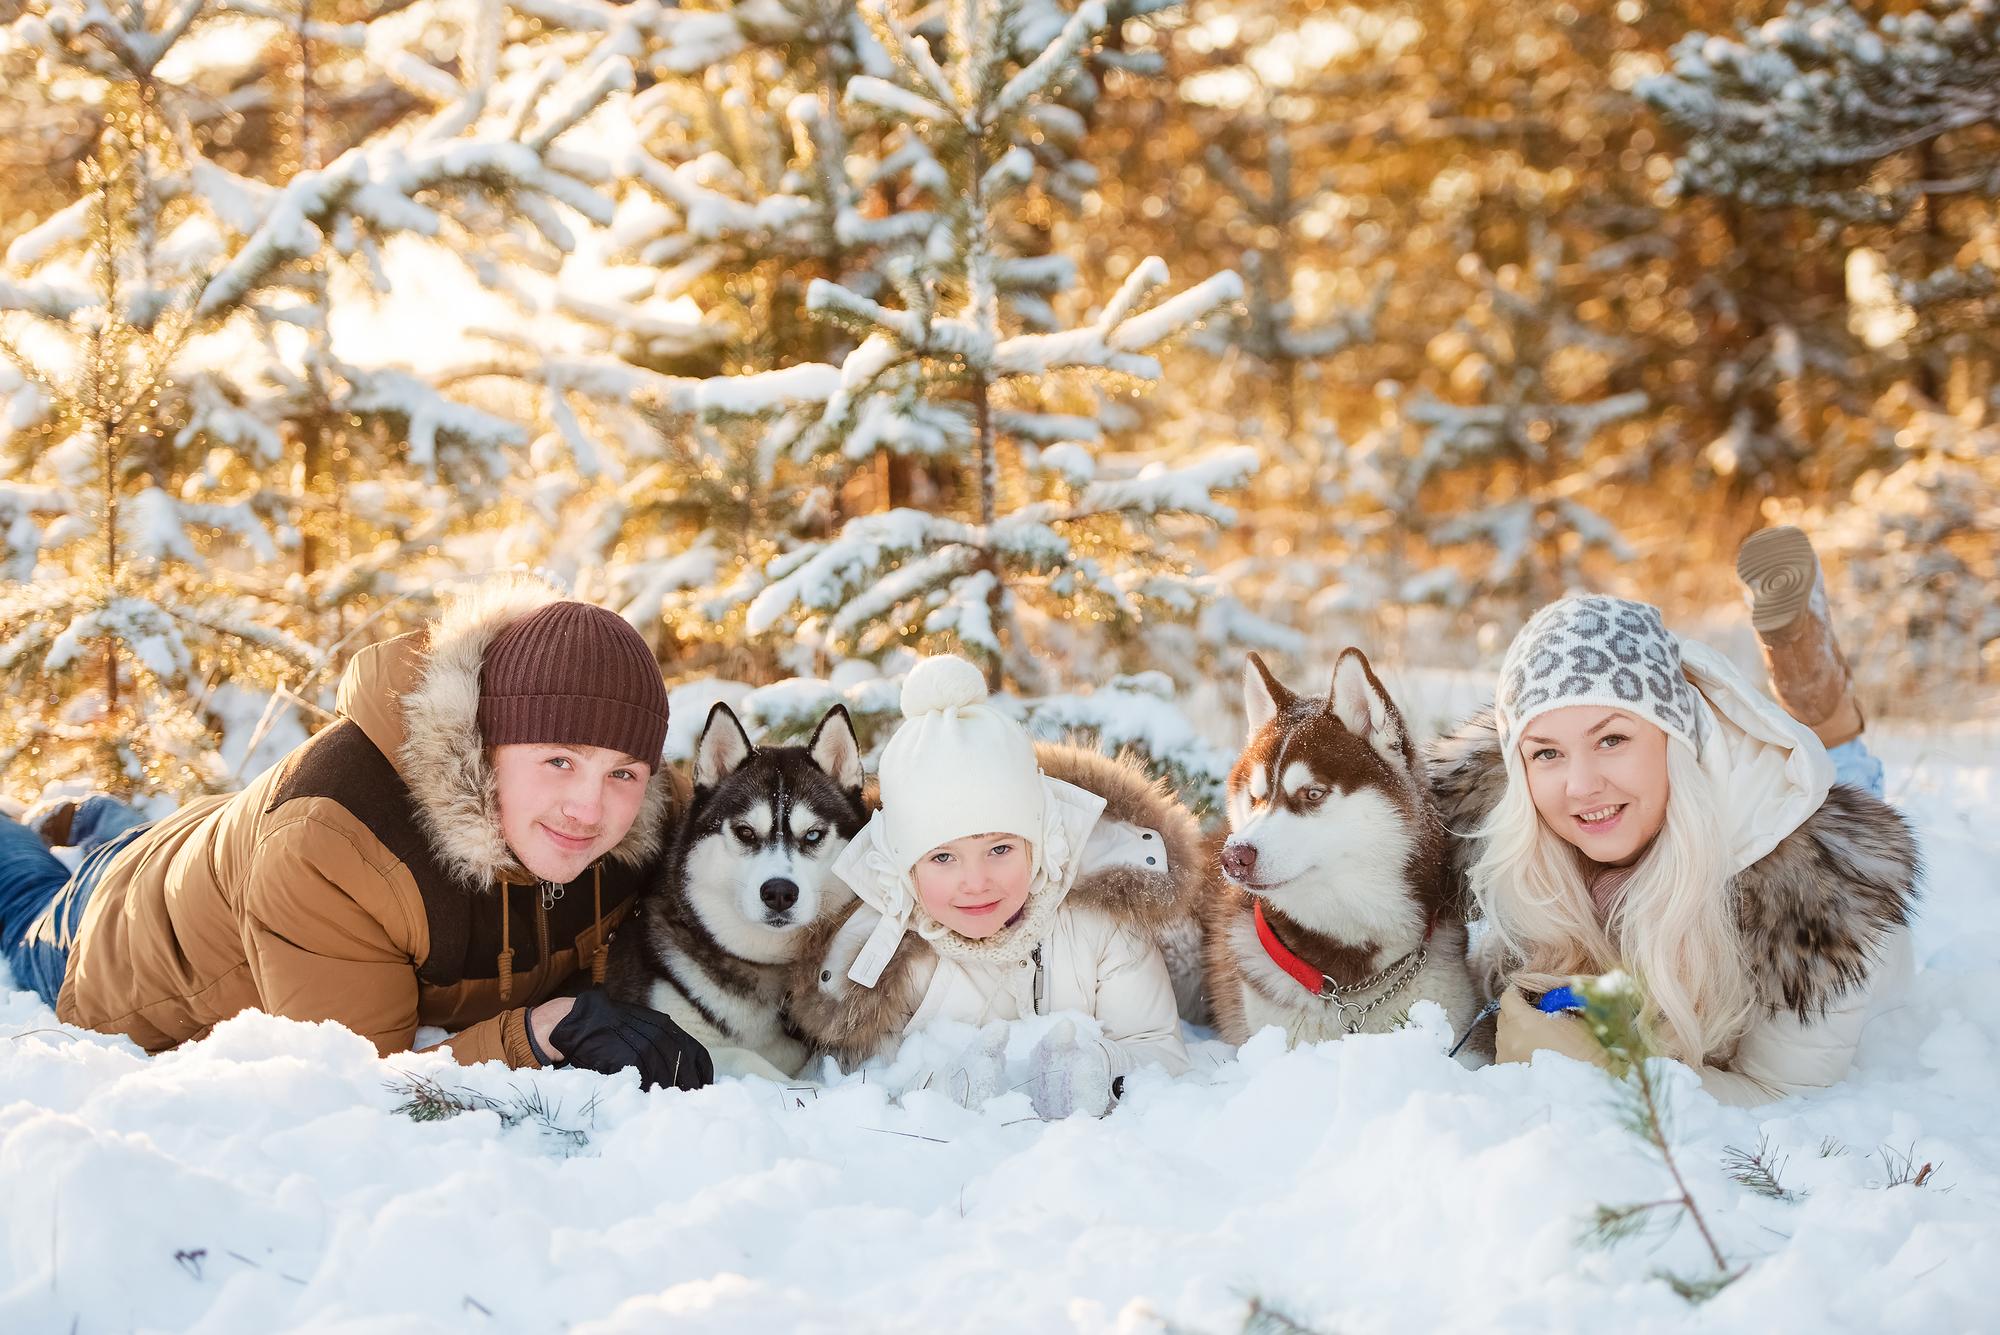 Kış mevsiminde günlük bakım nasıl olmalı